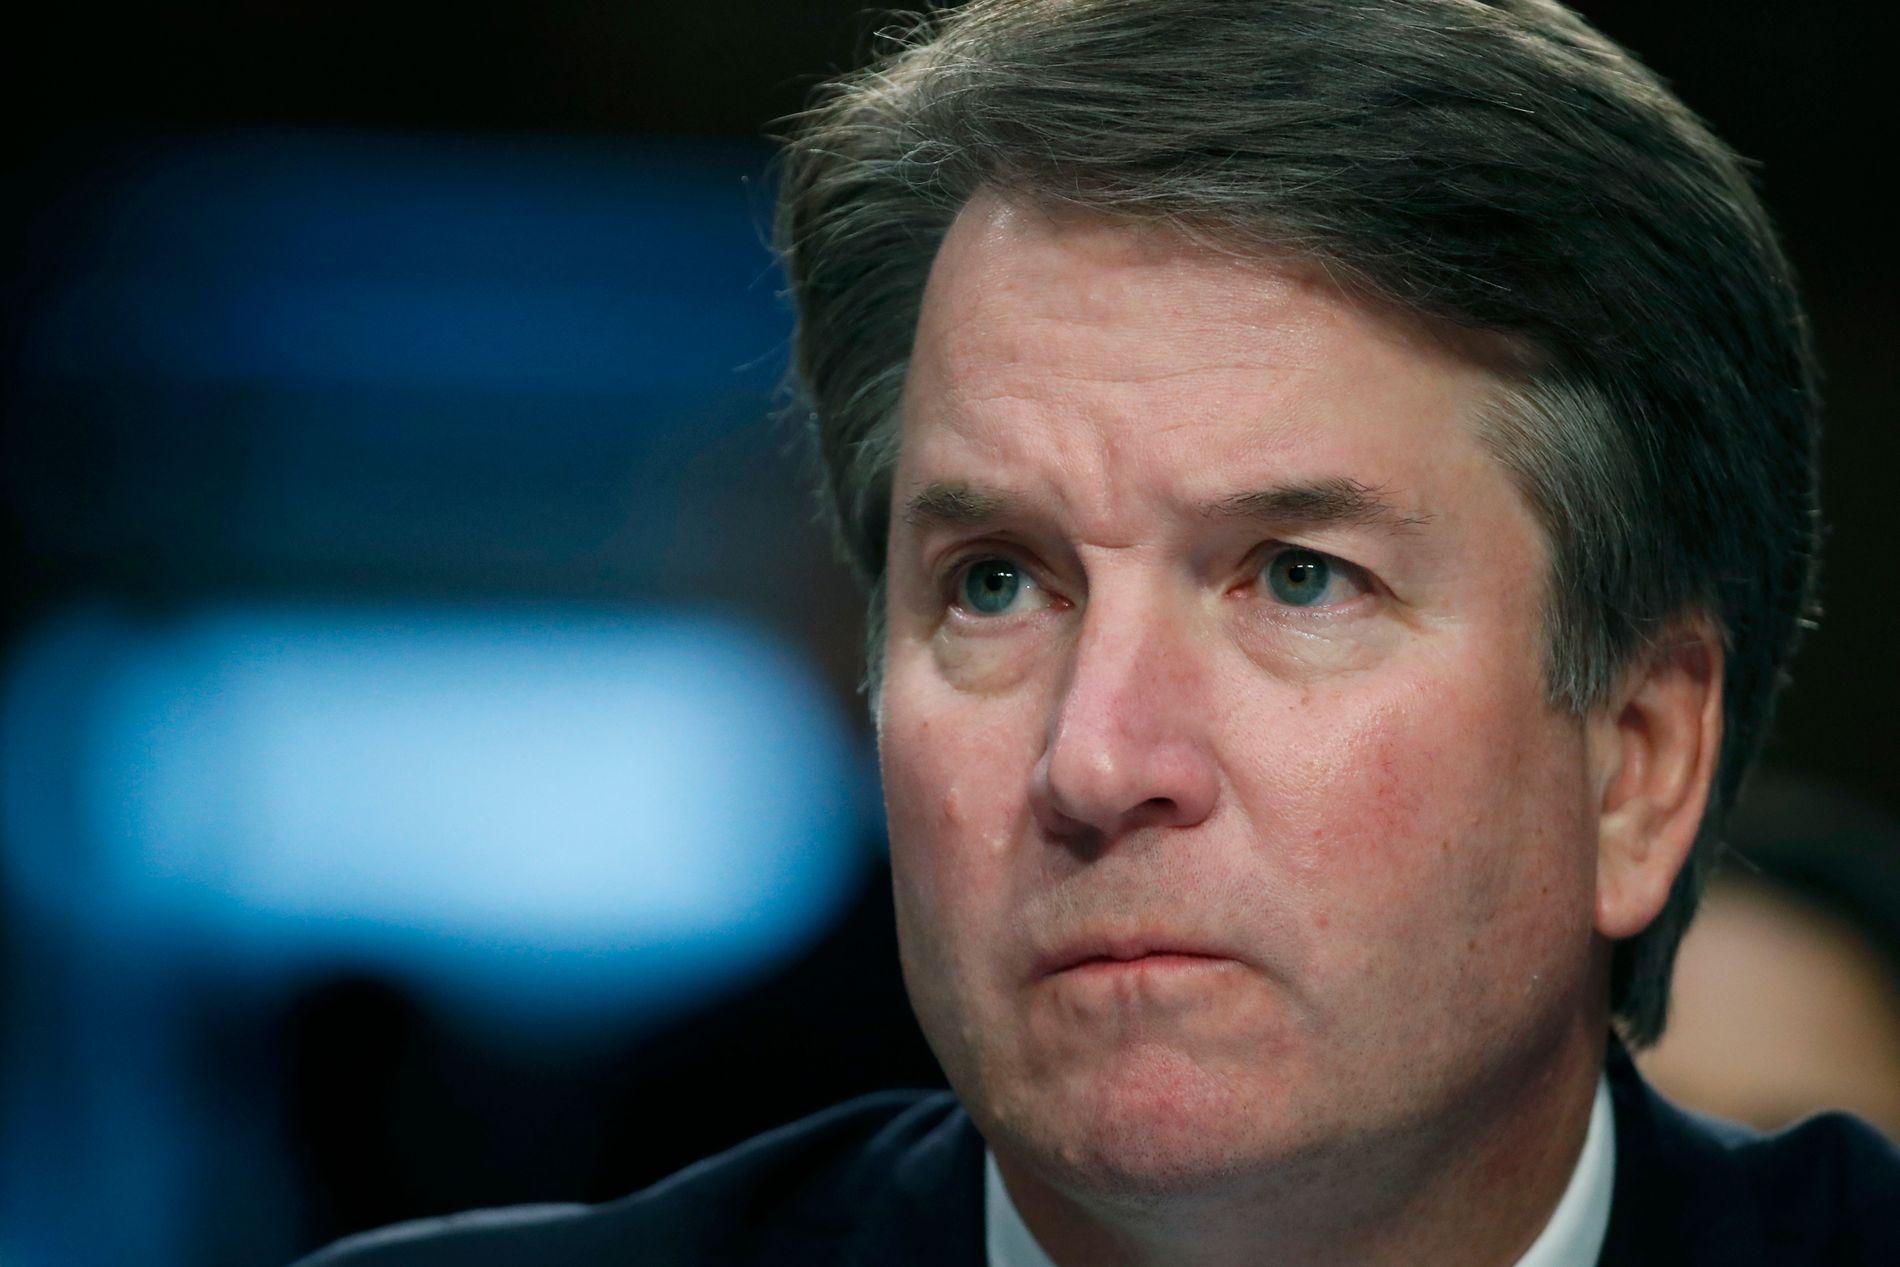 AVVISER ANKLAGENE: Donald Trumps kandidat til ny høyesterettsdommer, Brett Kavanaugh, anklages for flere seksuelle overgrep. Selv avviser han hendelsene som en svertekampanje.